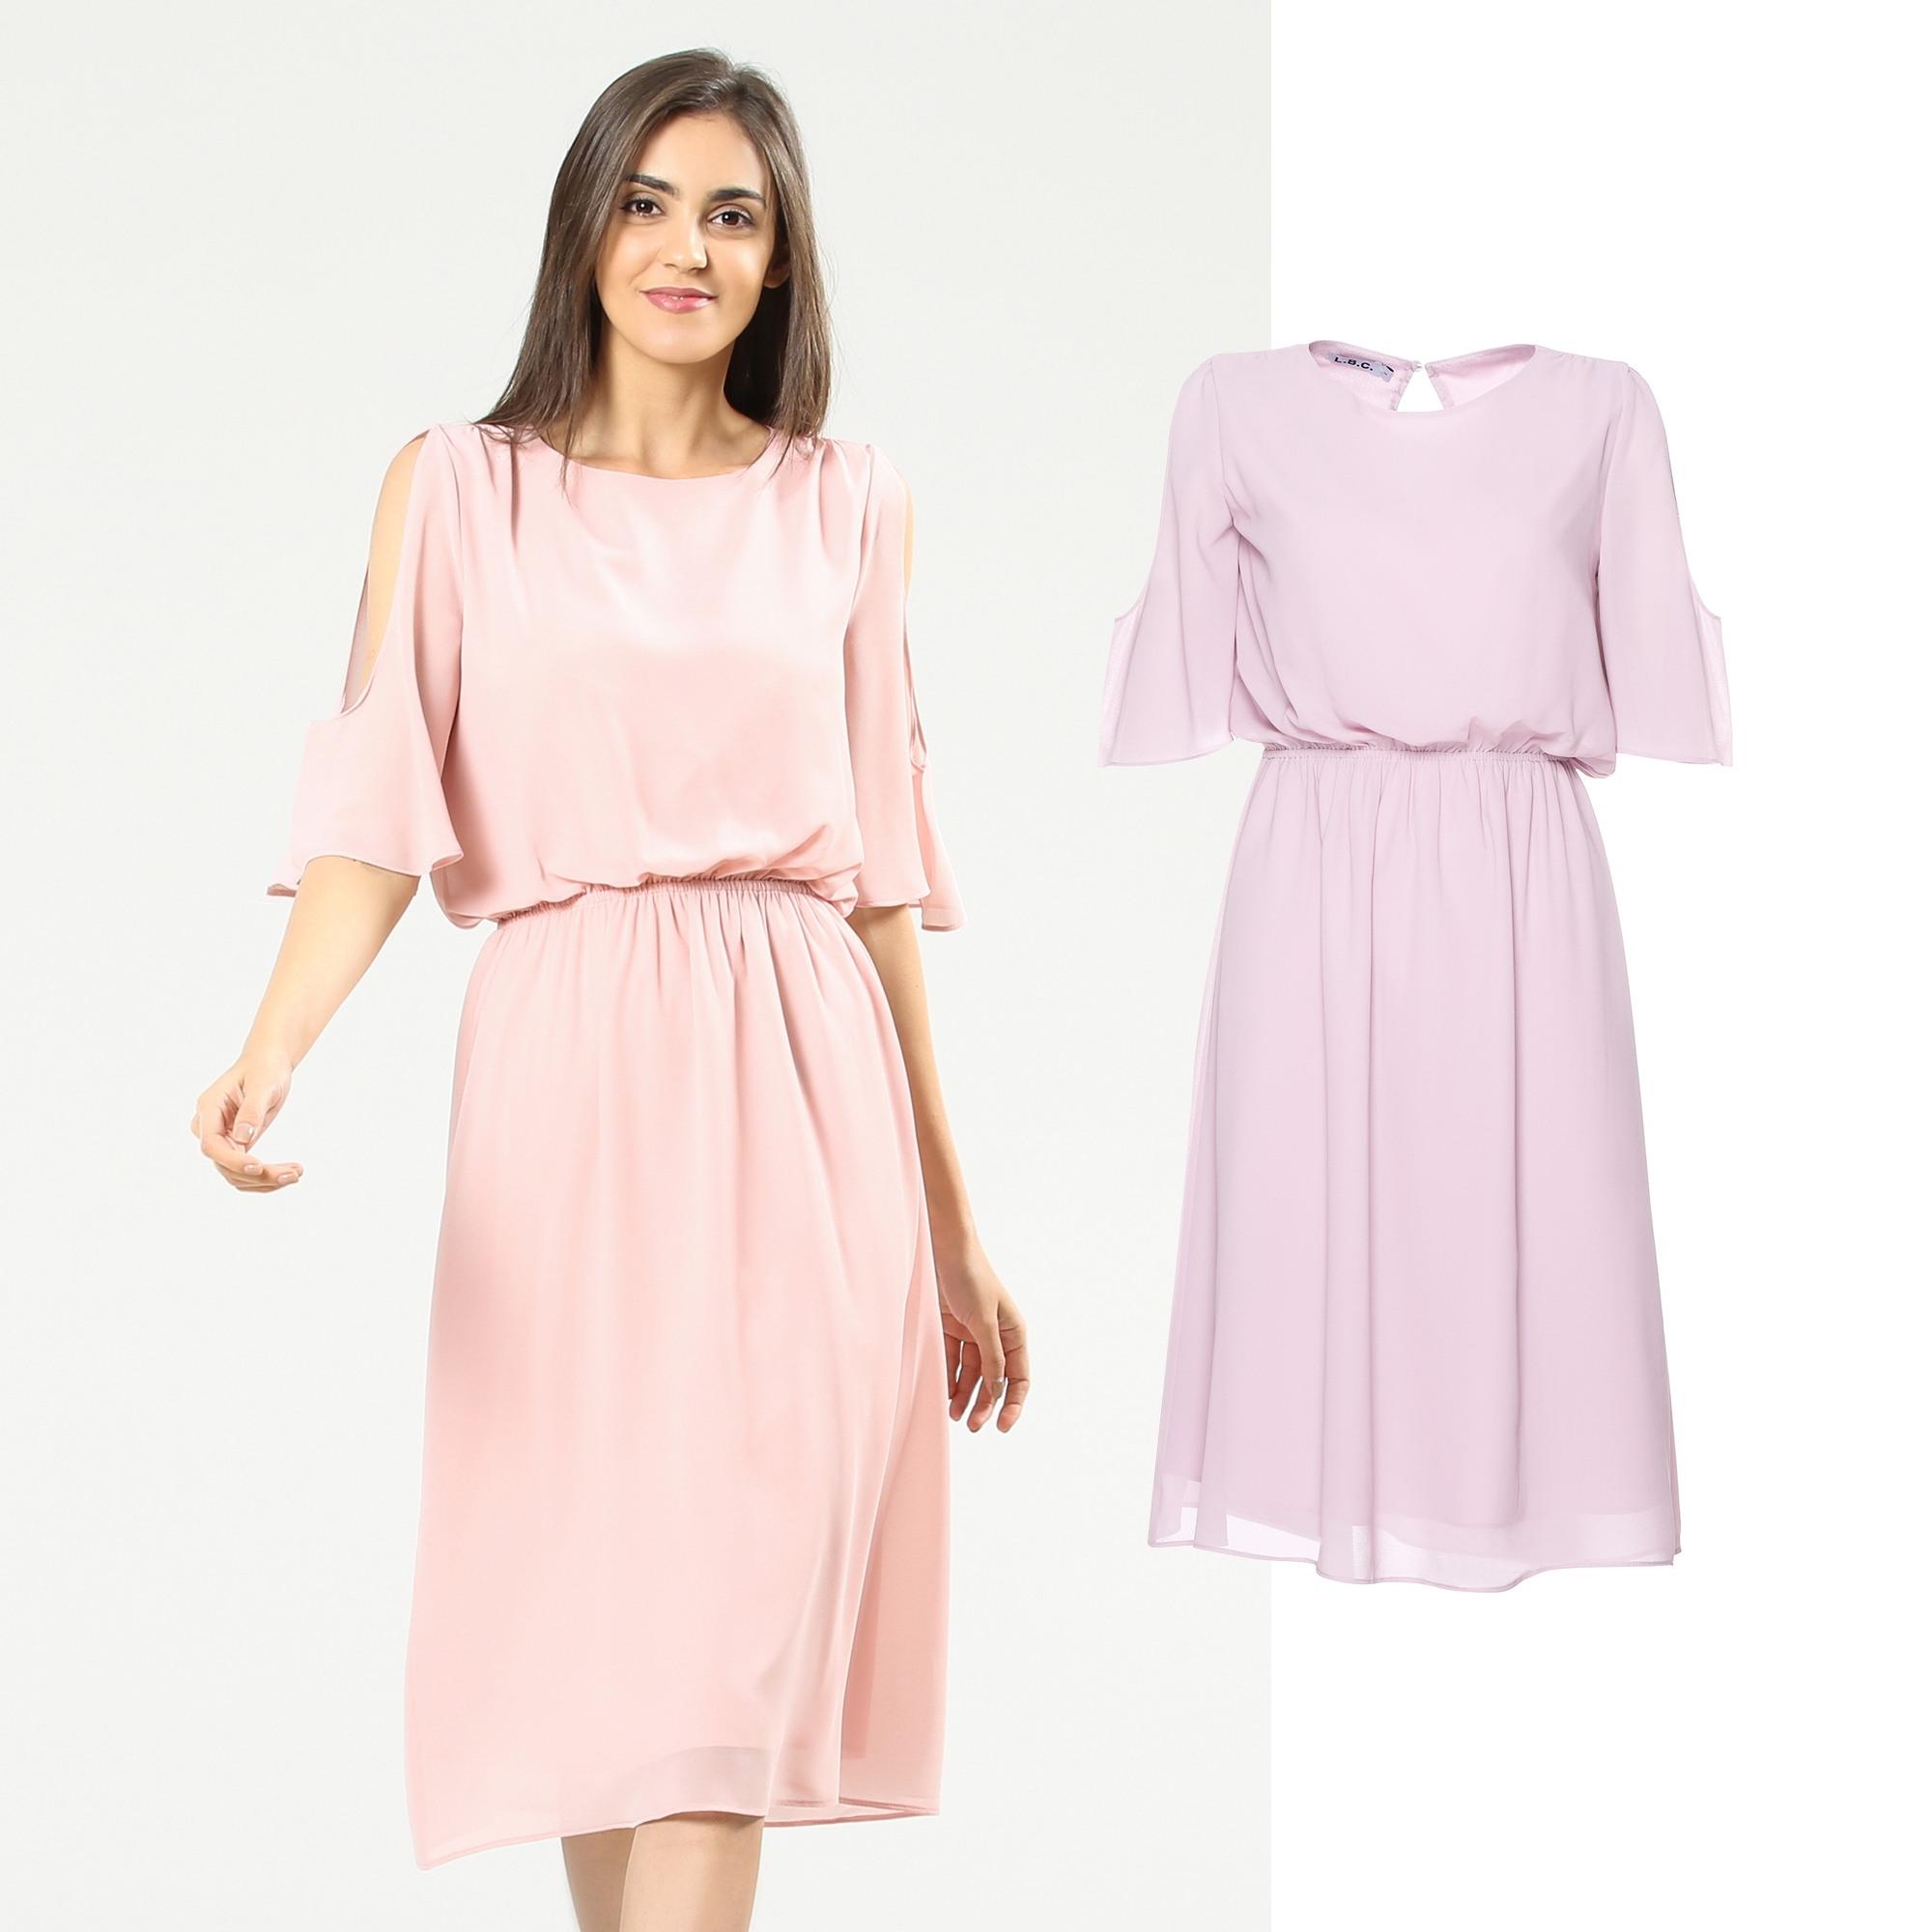 20 Luxus Kleider Für Hochzeit Günstig Kaufen Bester Preis13 Einzigartig Kleider Für Hochzeit Günstig Kaufen Galerie